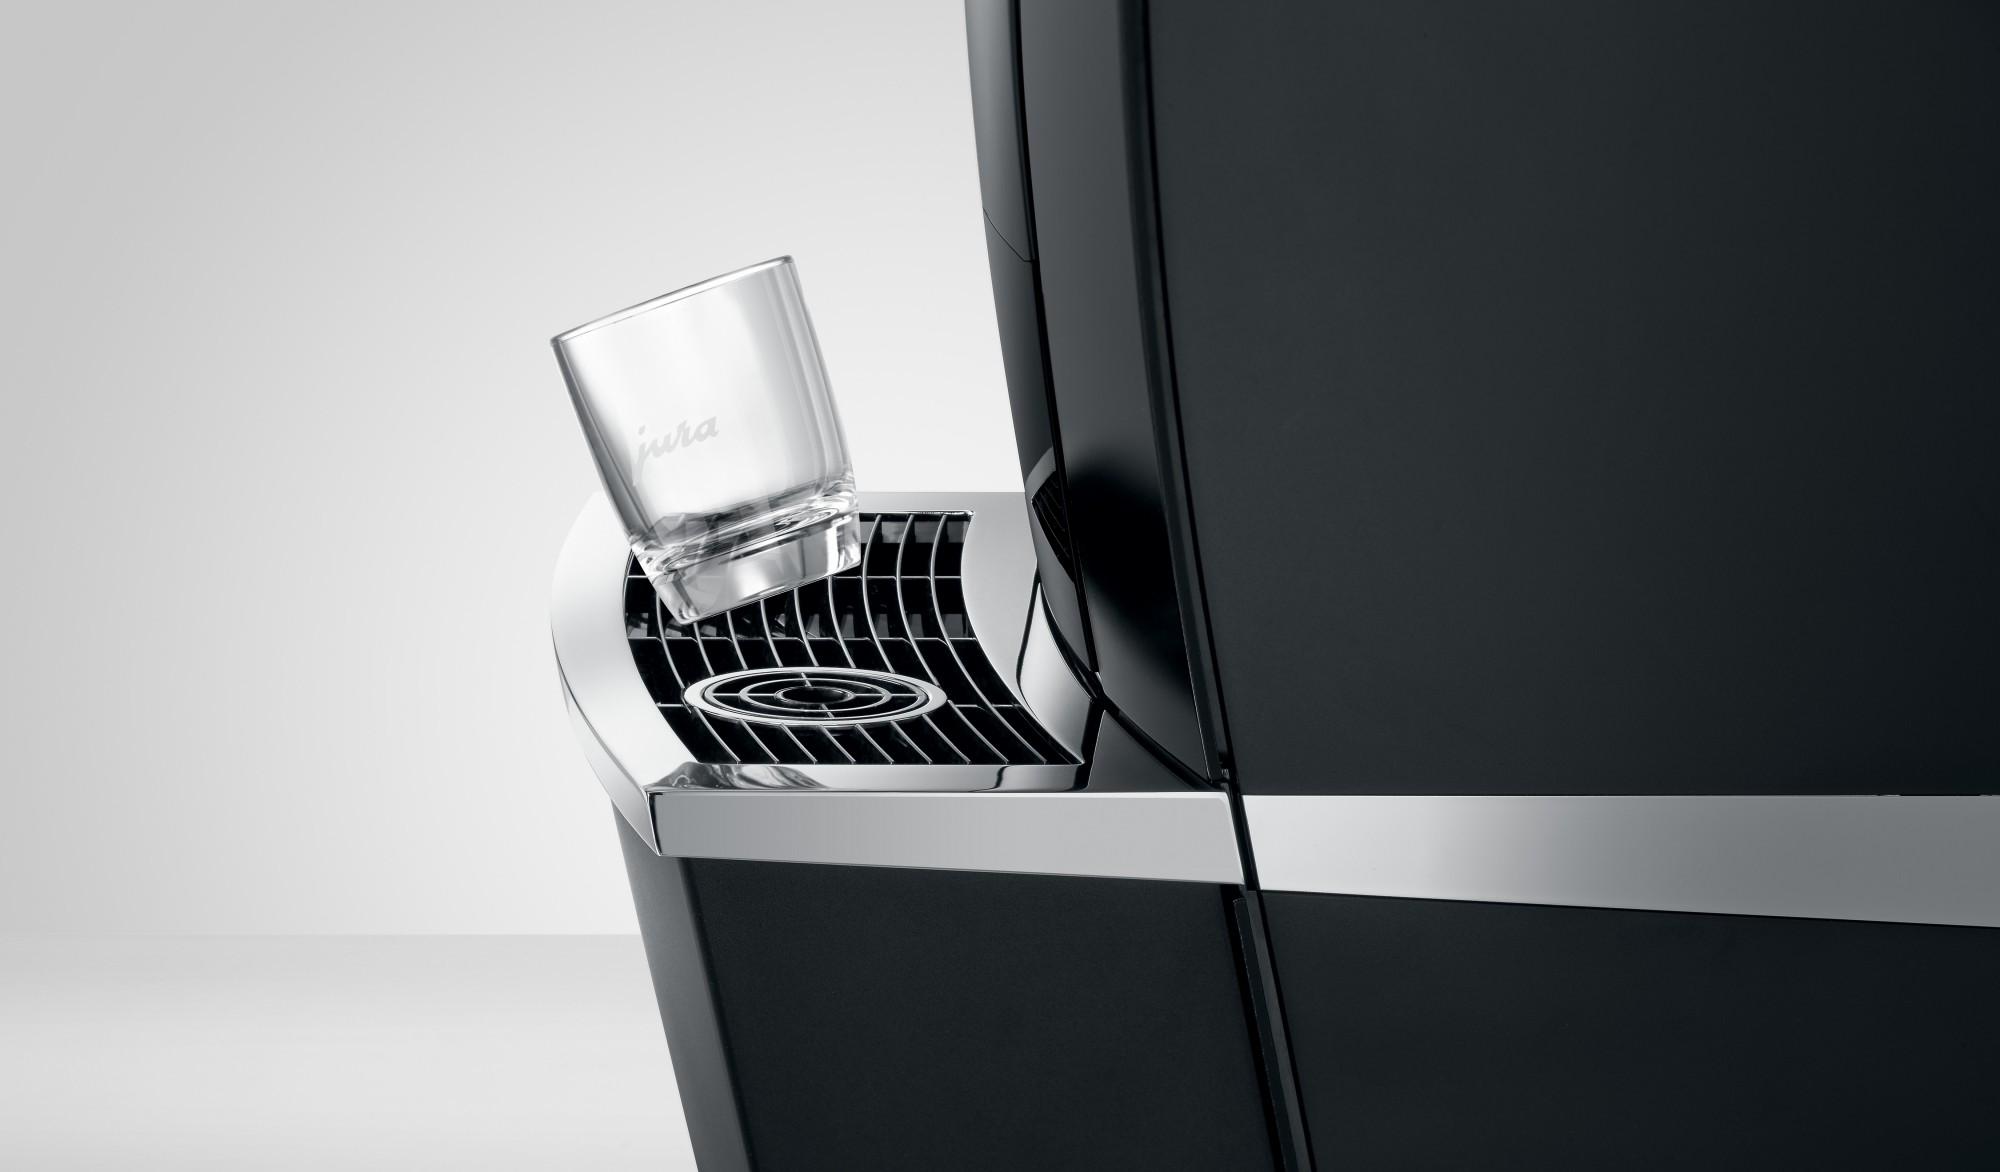 zakelijke koffiemachine voor grote kantoren